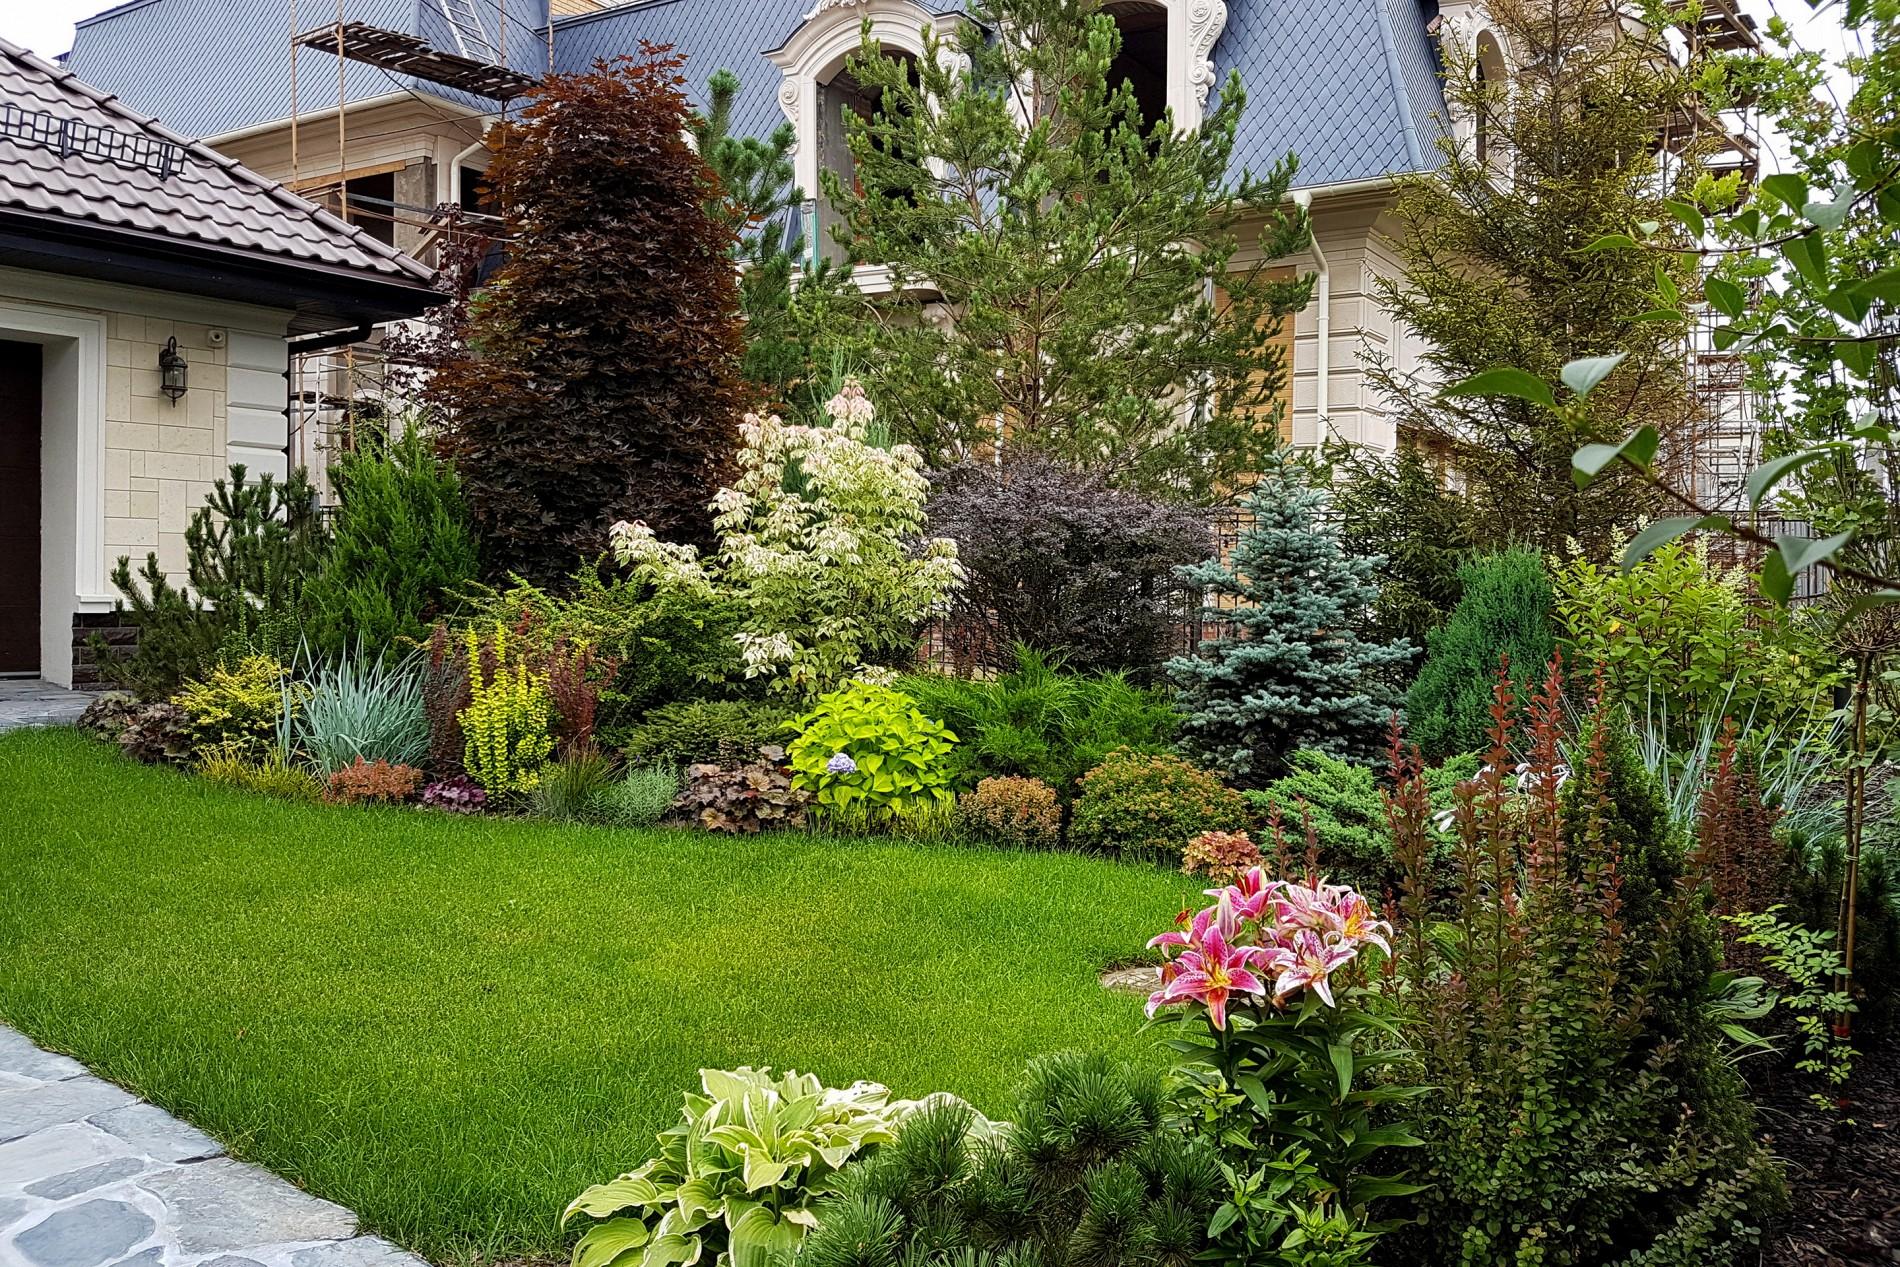 Английский сад в ландшафте  в поселке Миллениум Парк